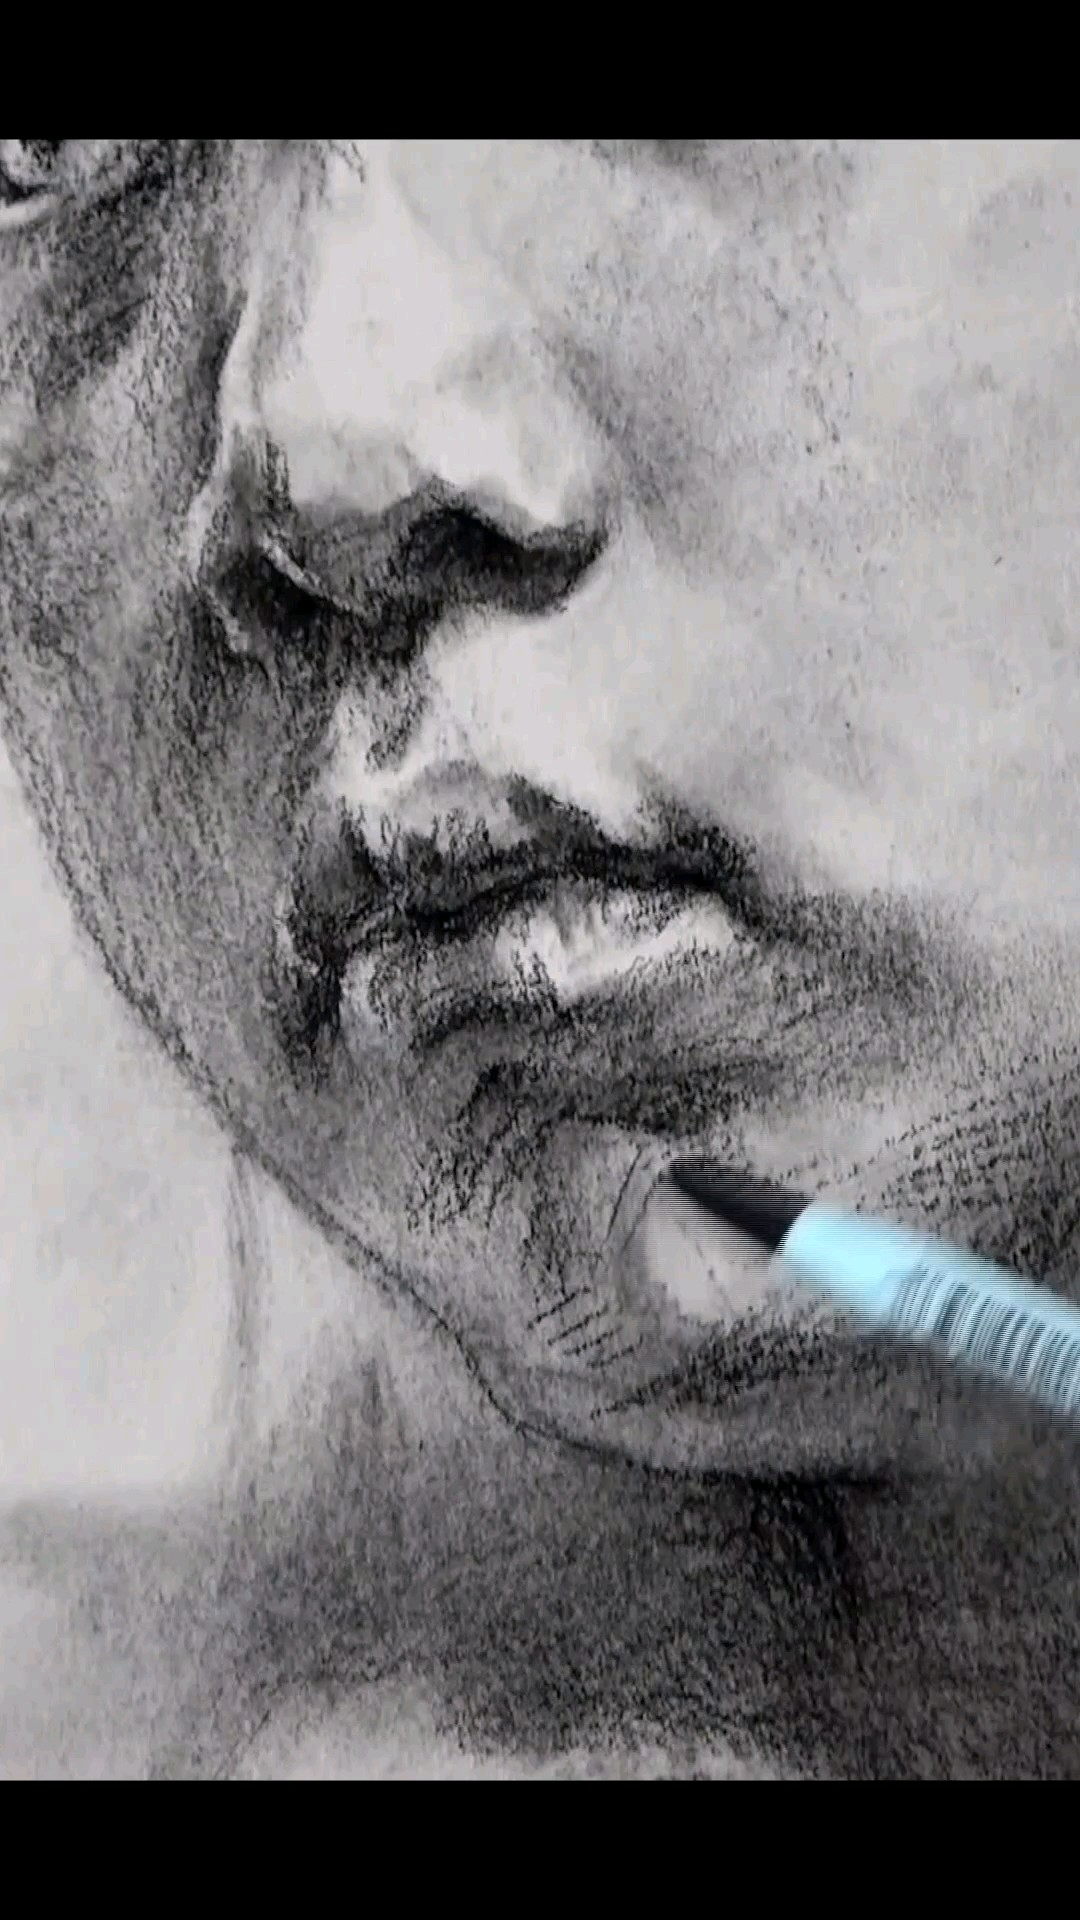 炭筆畫小女孩,看繪畫過程就很過癮